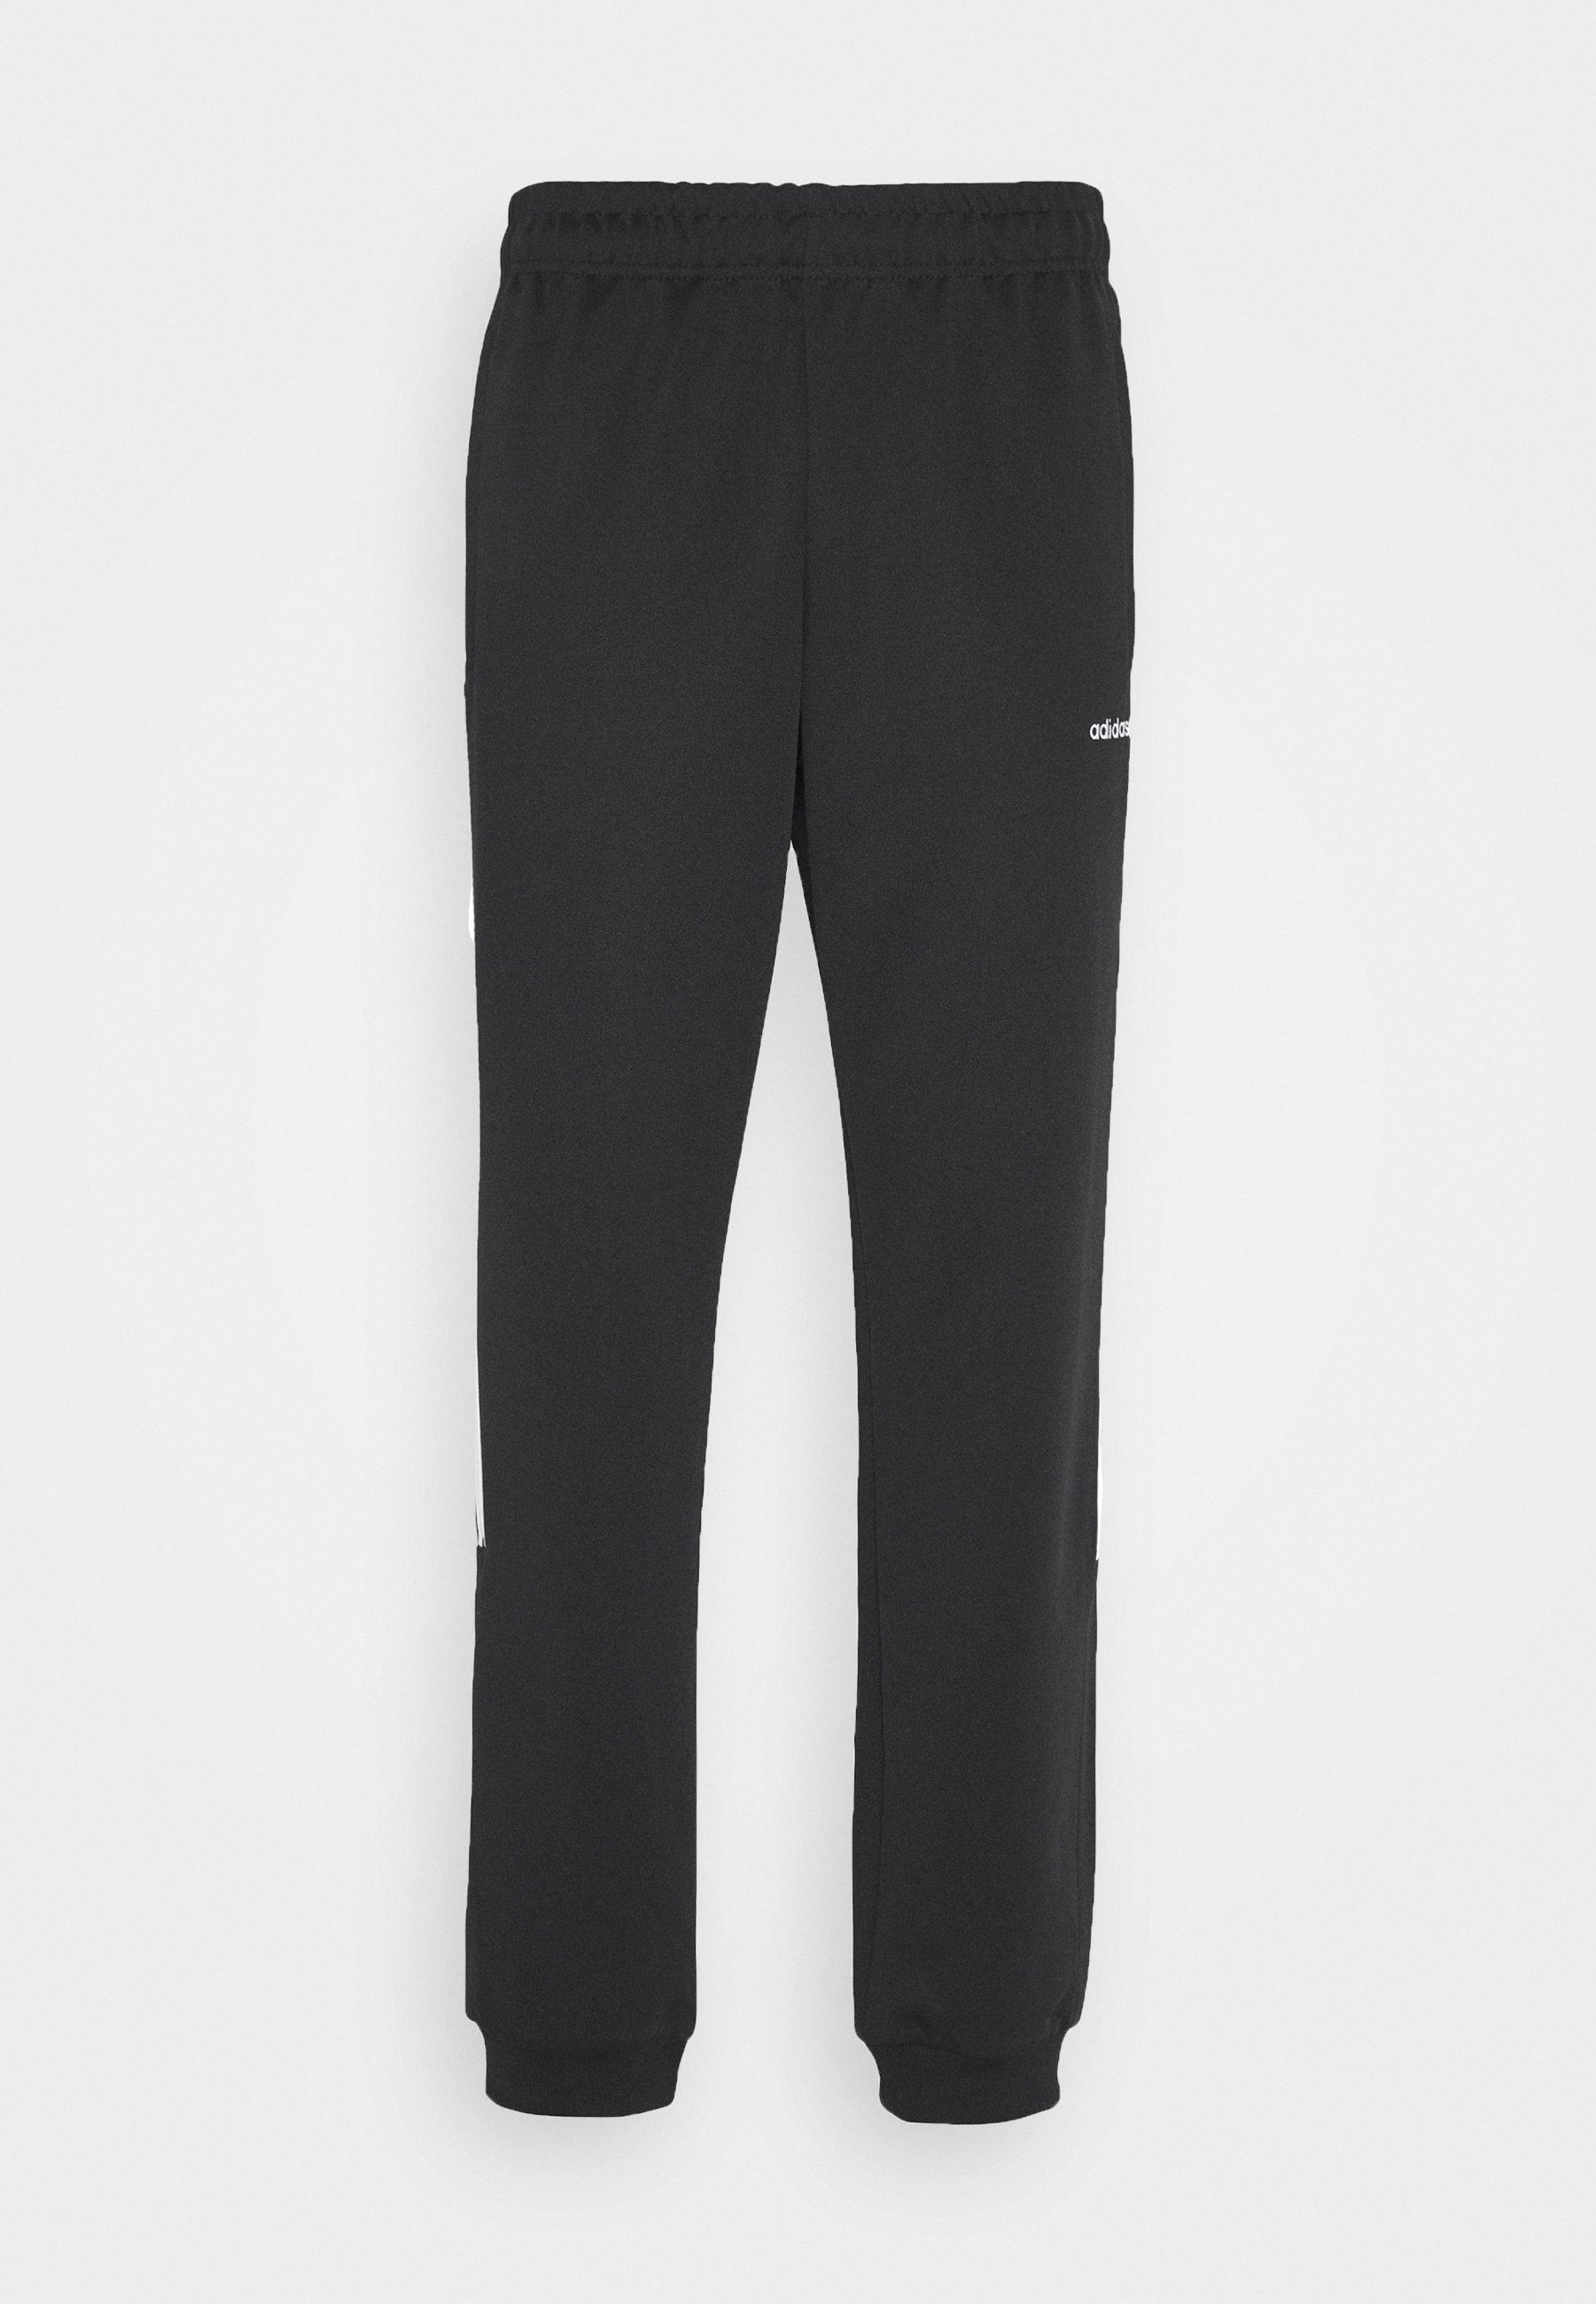 Adidas Originals Classics - Spodnie Treningowe Black/white